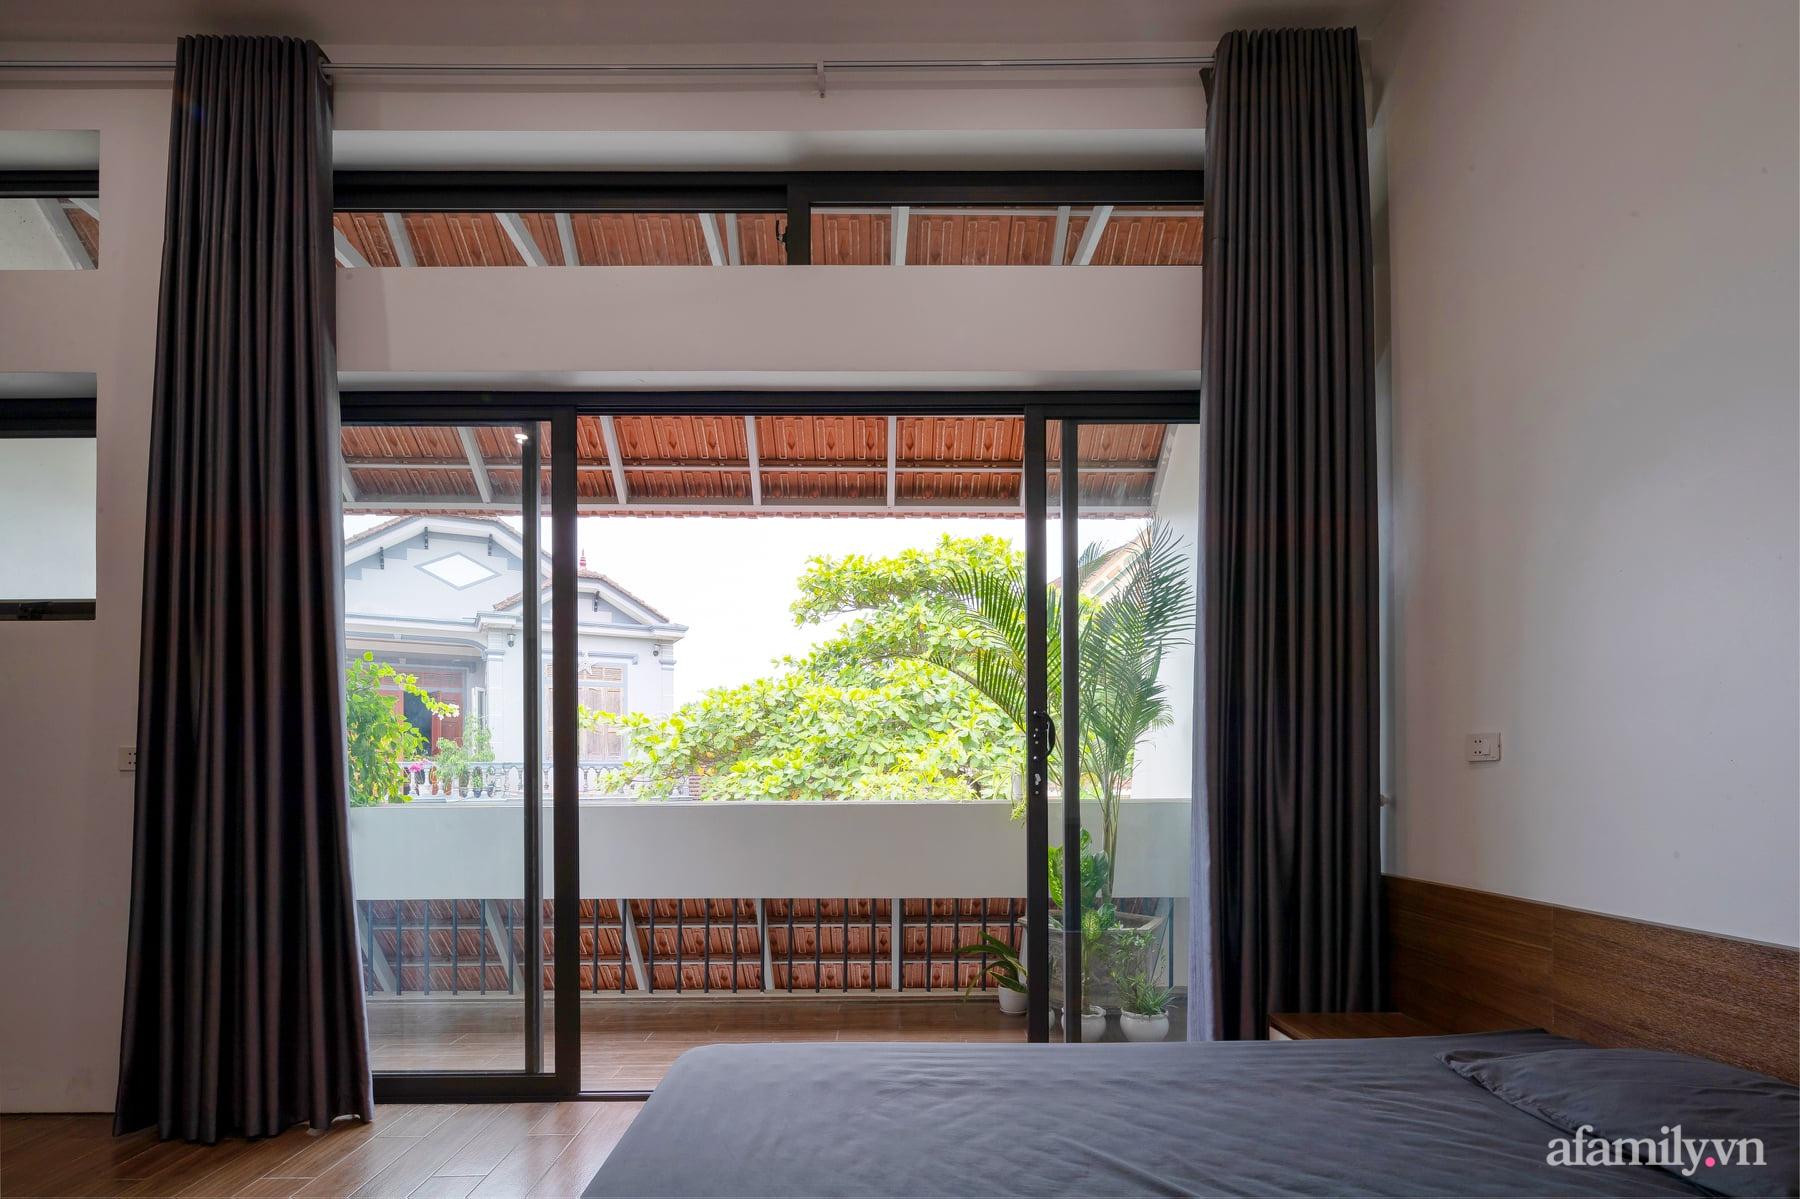 Ngôi nhà ngói gói gọn bình yên với những tiện nghi và hiện đại ở thị trấn nông thôn Nghệ An - Ảnh 15.